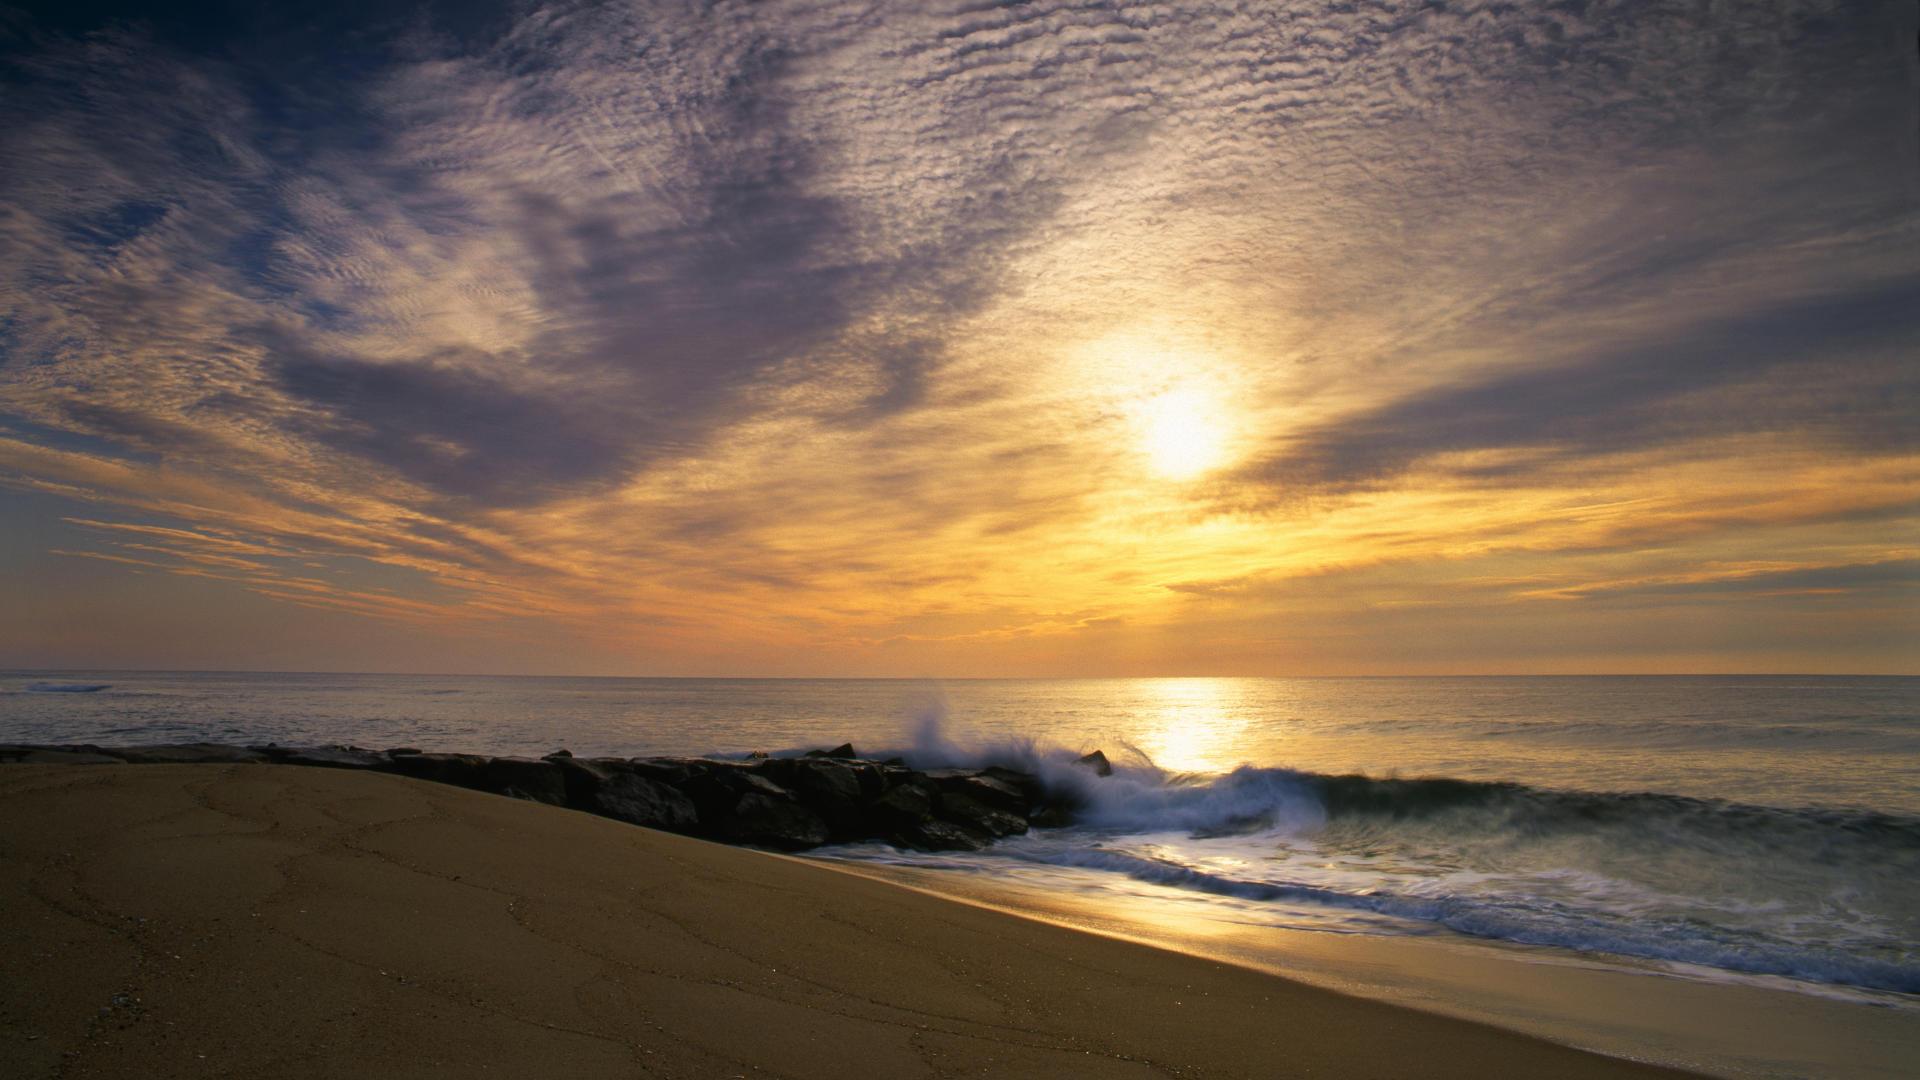 Ocean And Beach Backgrounds For Desktop HD Wallpaper 1920x1080